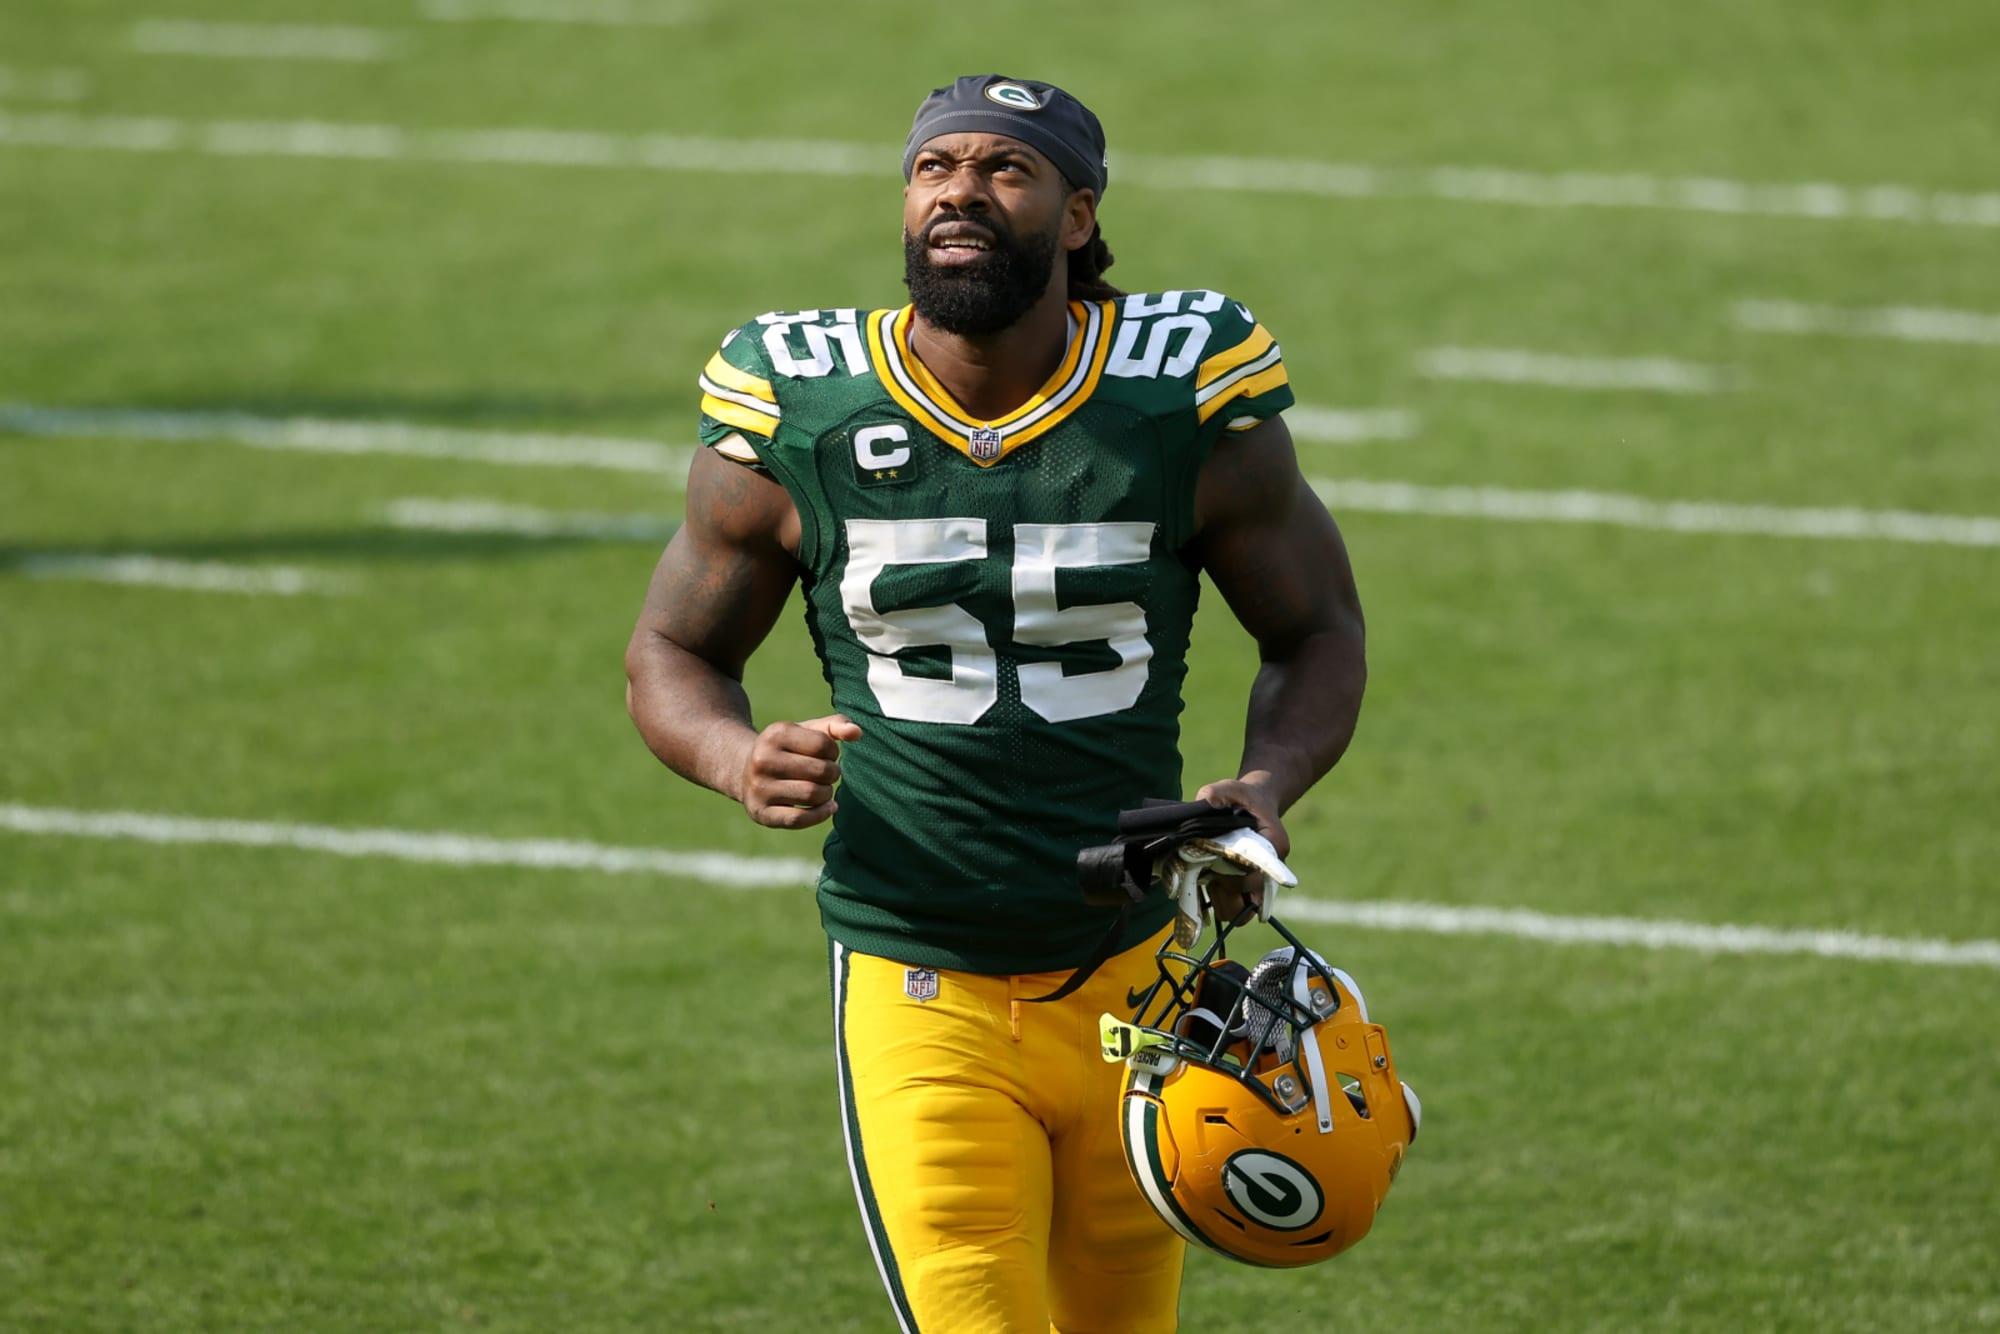 Packers: los días de Za'Darius Smith en Green Bay están contados